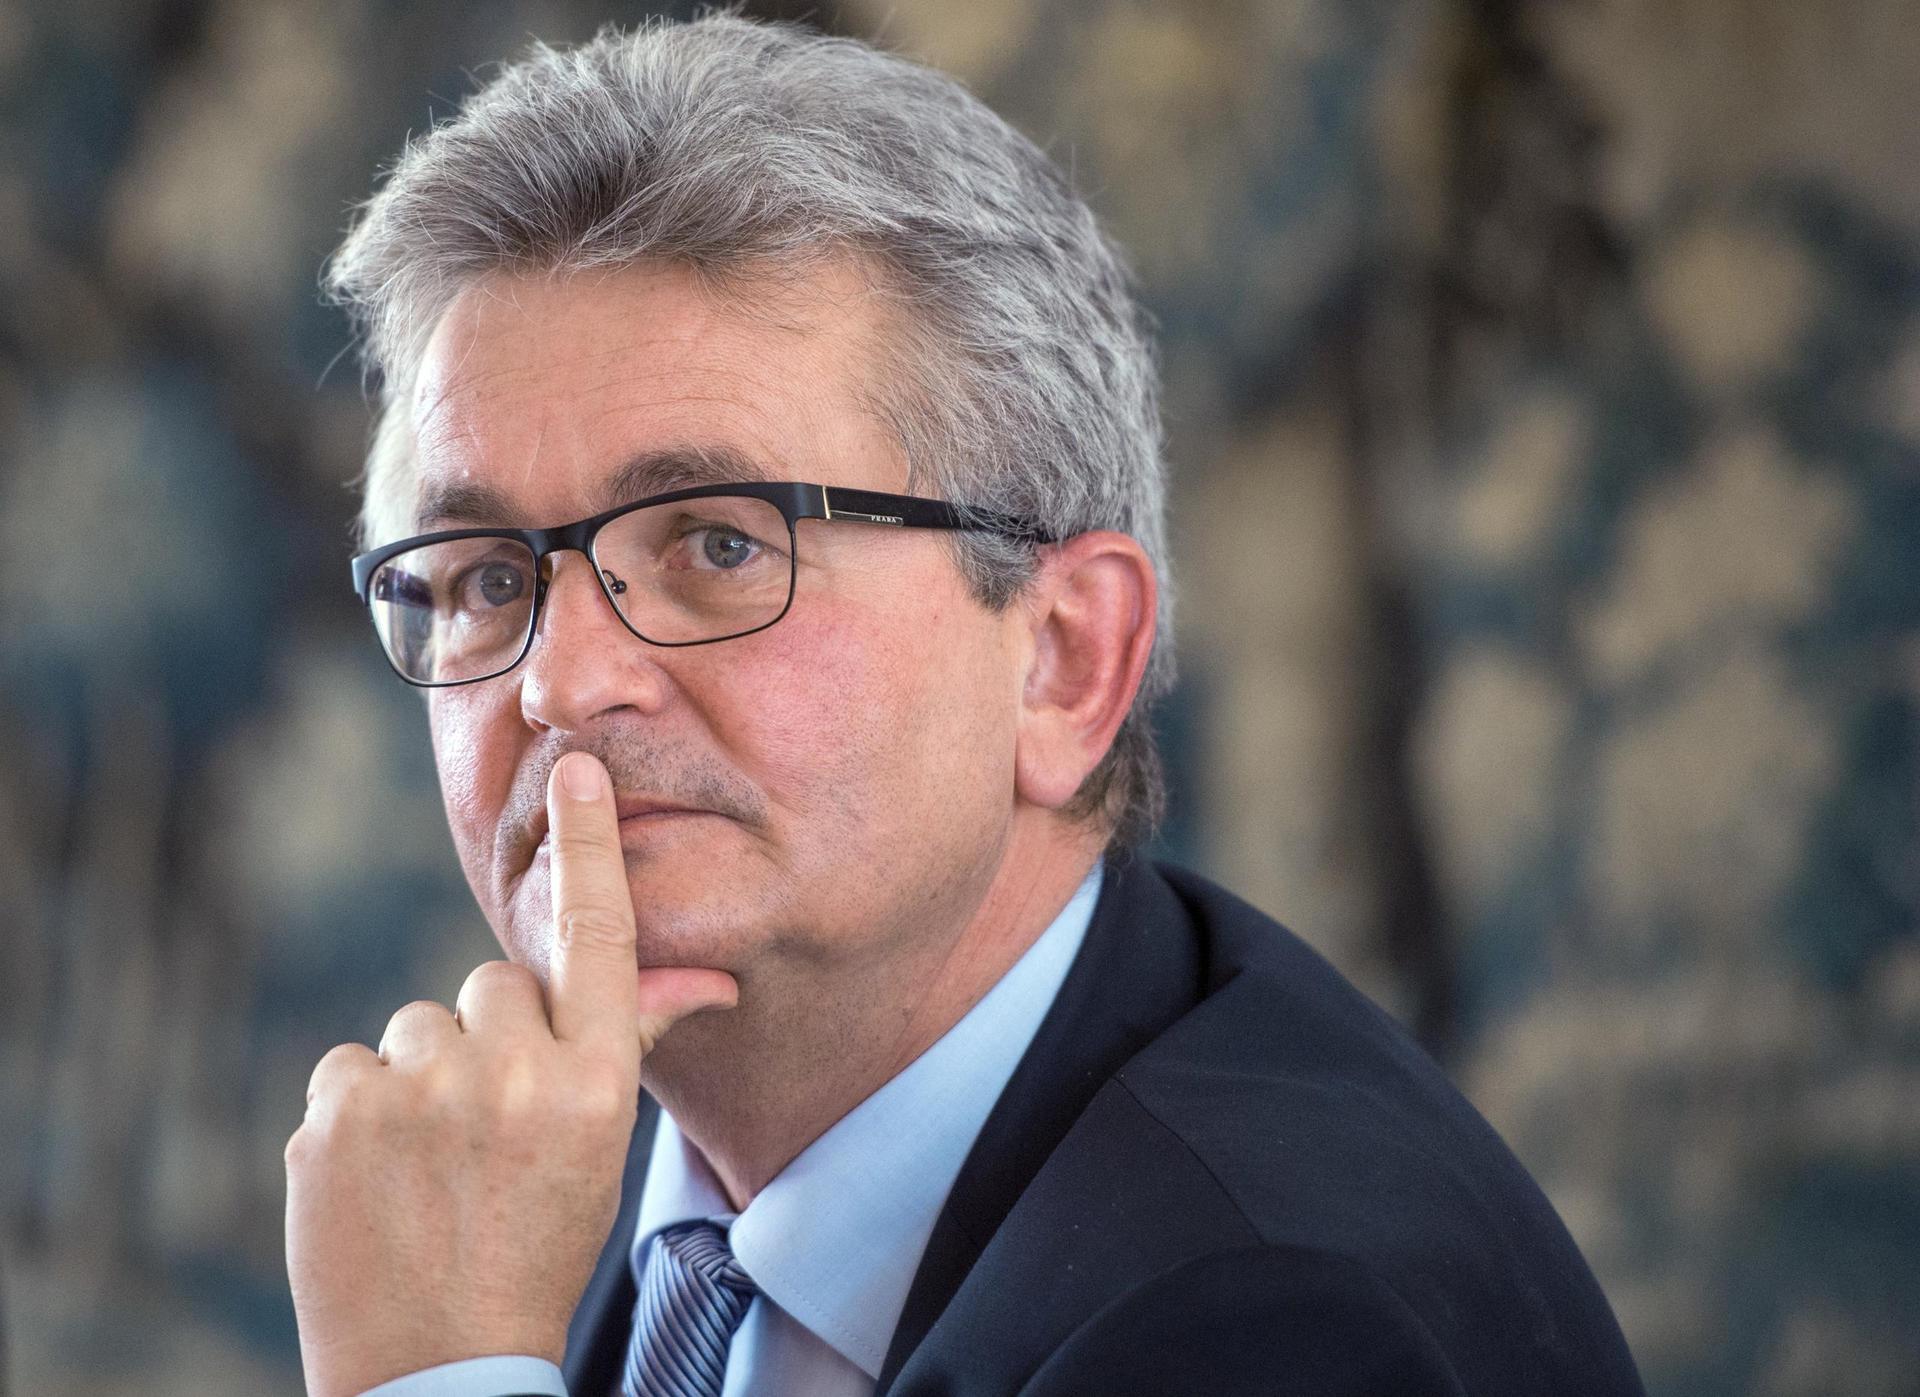 Bayerische Metallindustrie rechnet mit hoher Kurzarbeit Infolge des verschärften Lockdowns